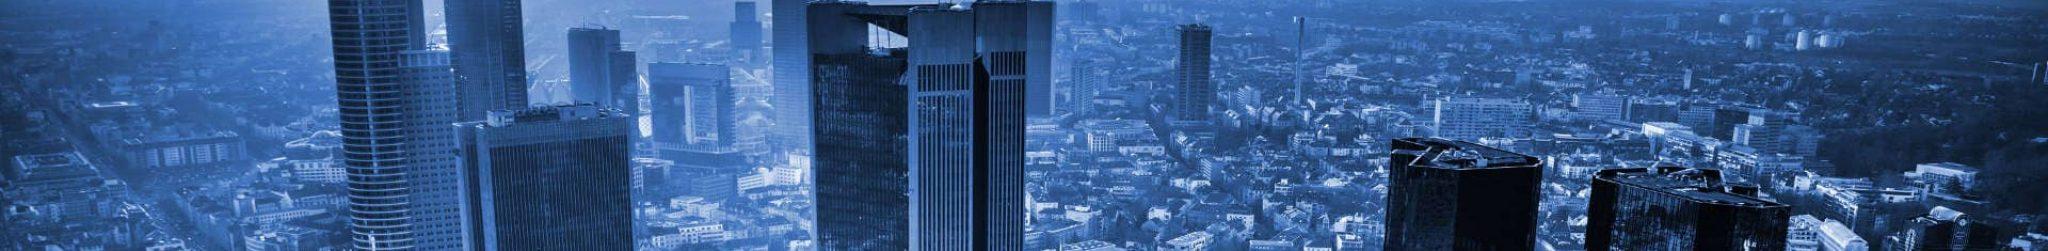 Vogelperspektive auf Frankfurt und die Gebäude drum herum.